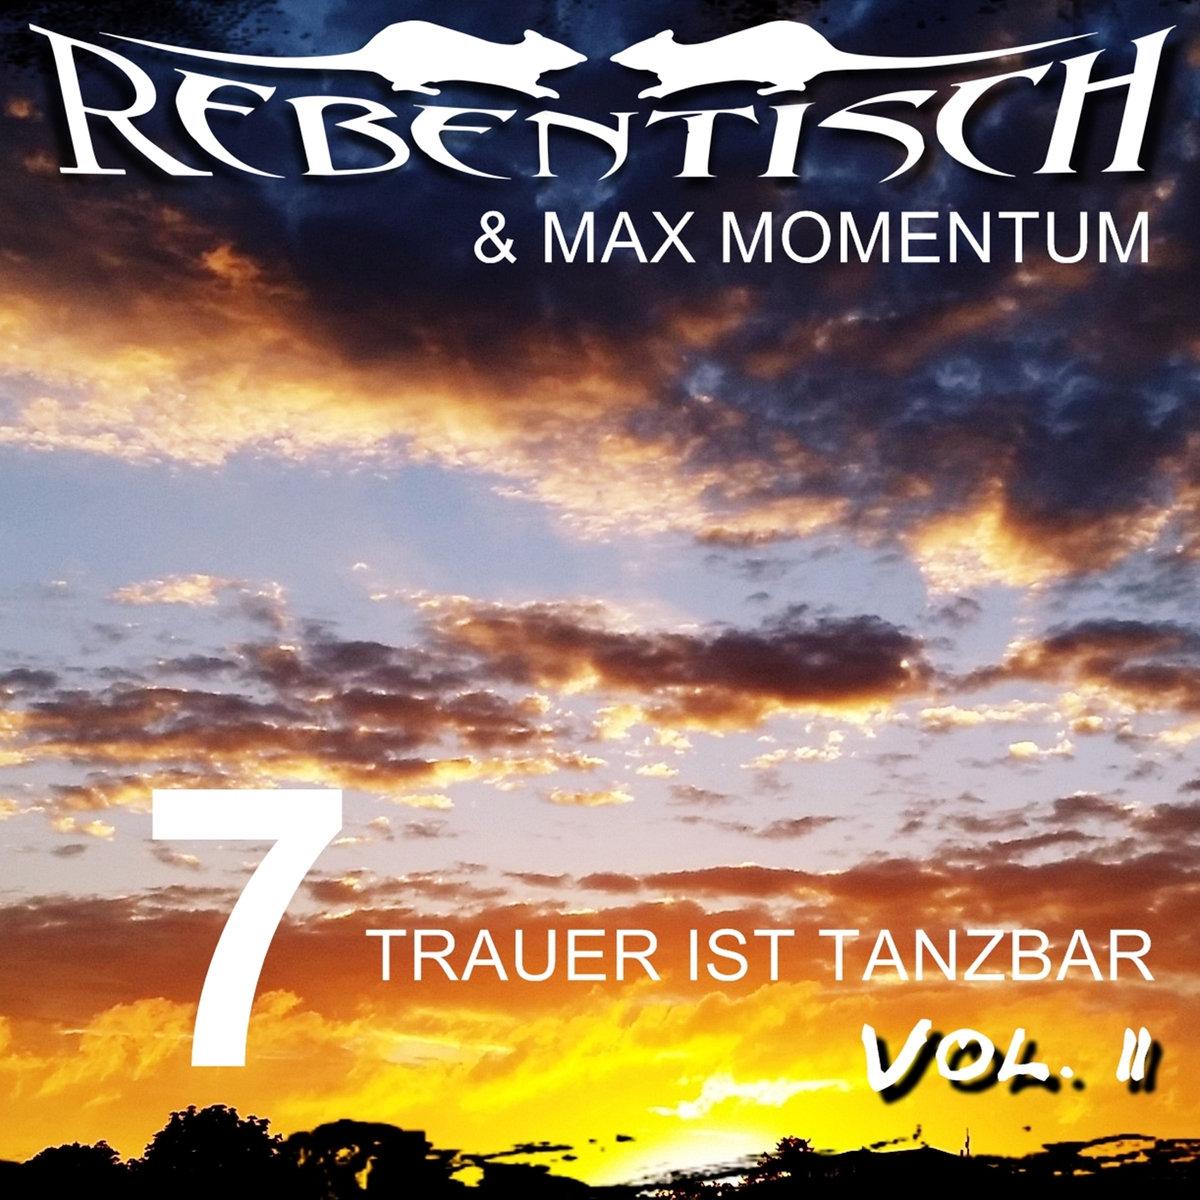 """Rebentisch und Max Momentum - Durch Dich (Cruising area rmx) - Rebentisch und Max Momentum - """"7"""" Trauer ist Tanzbar"""